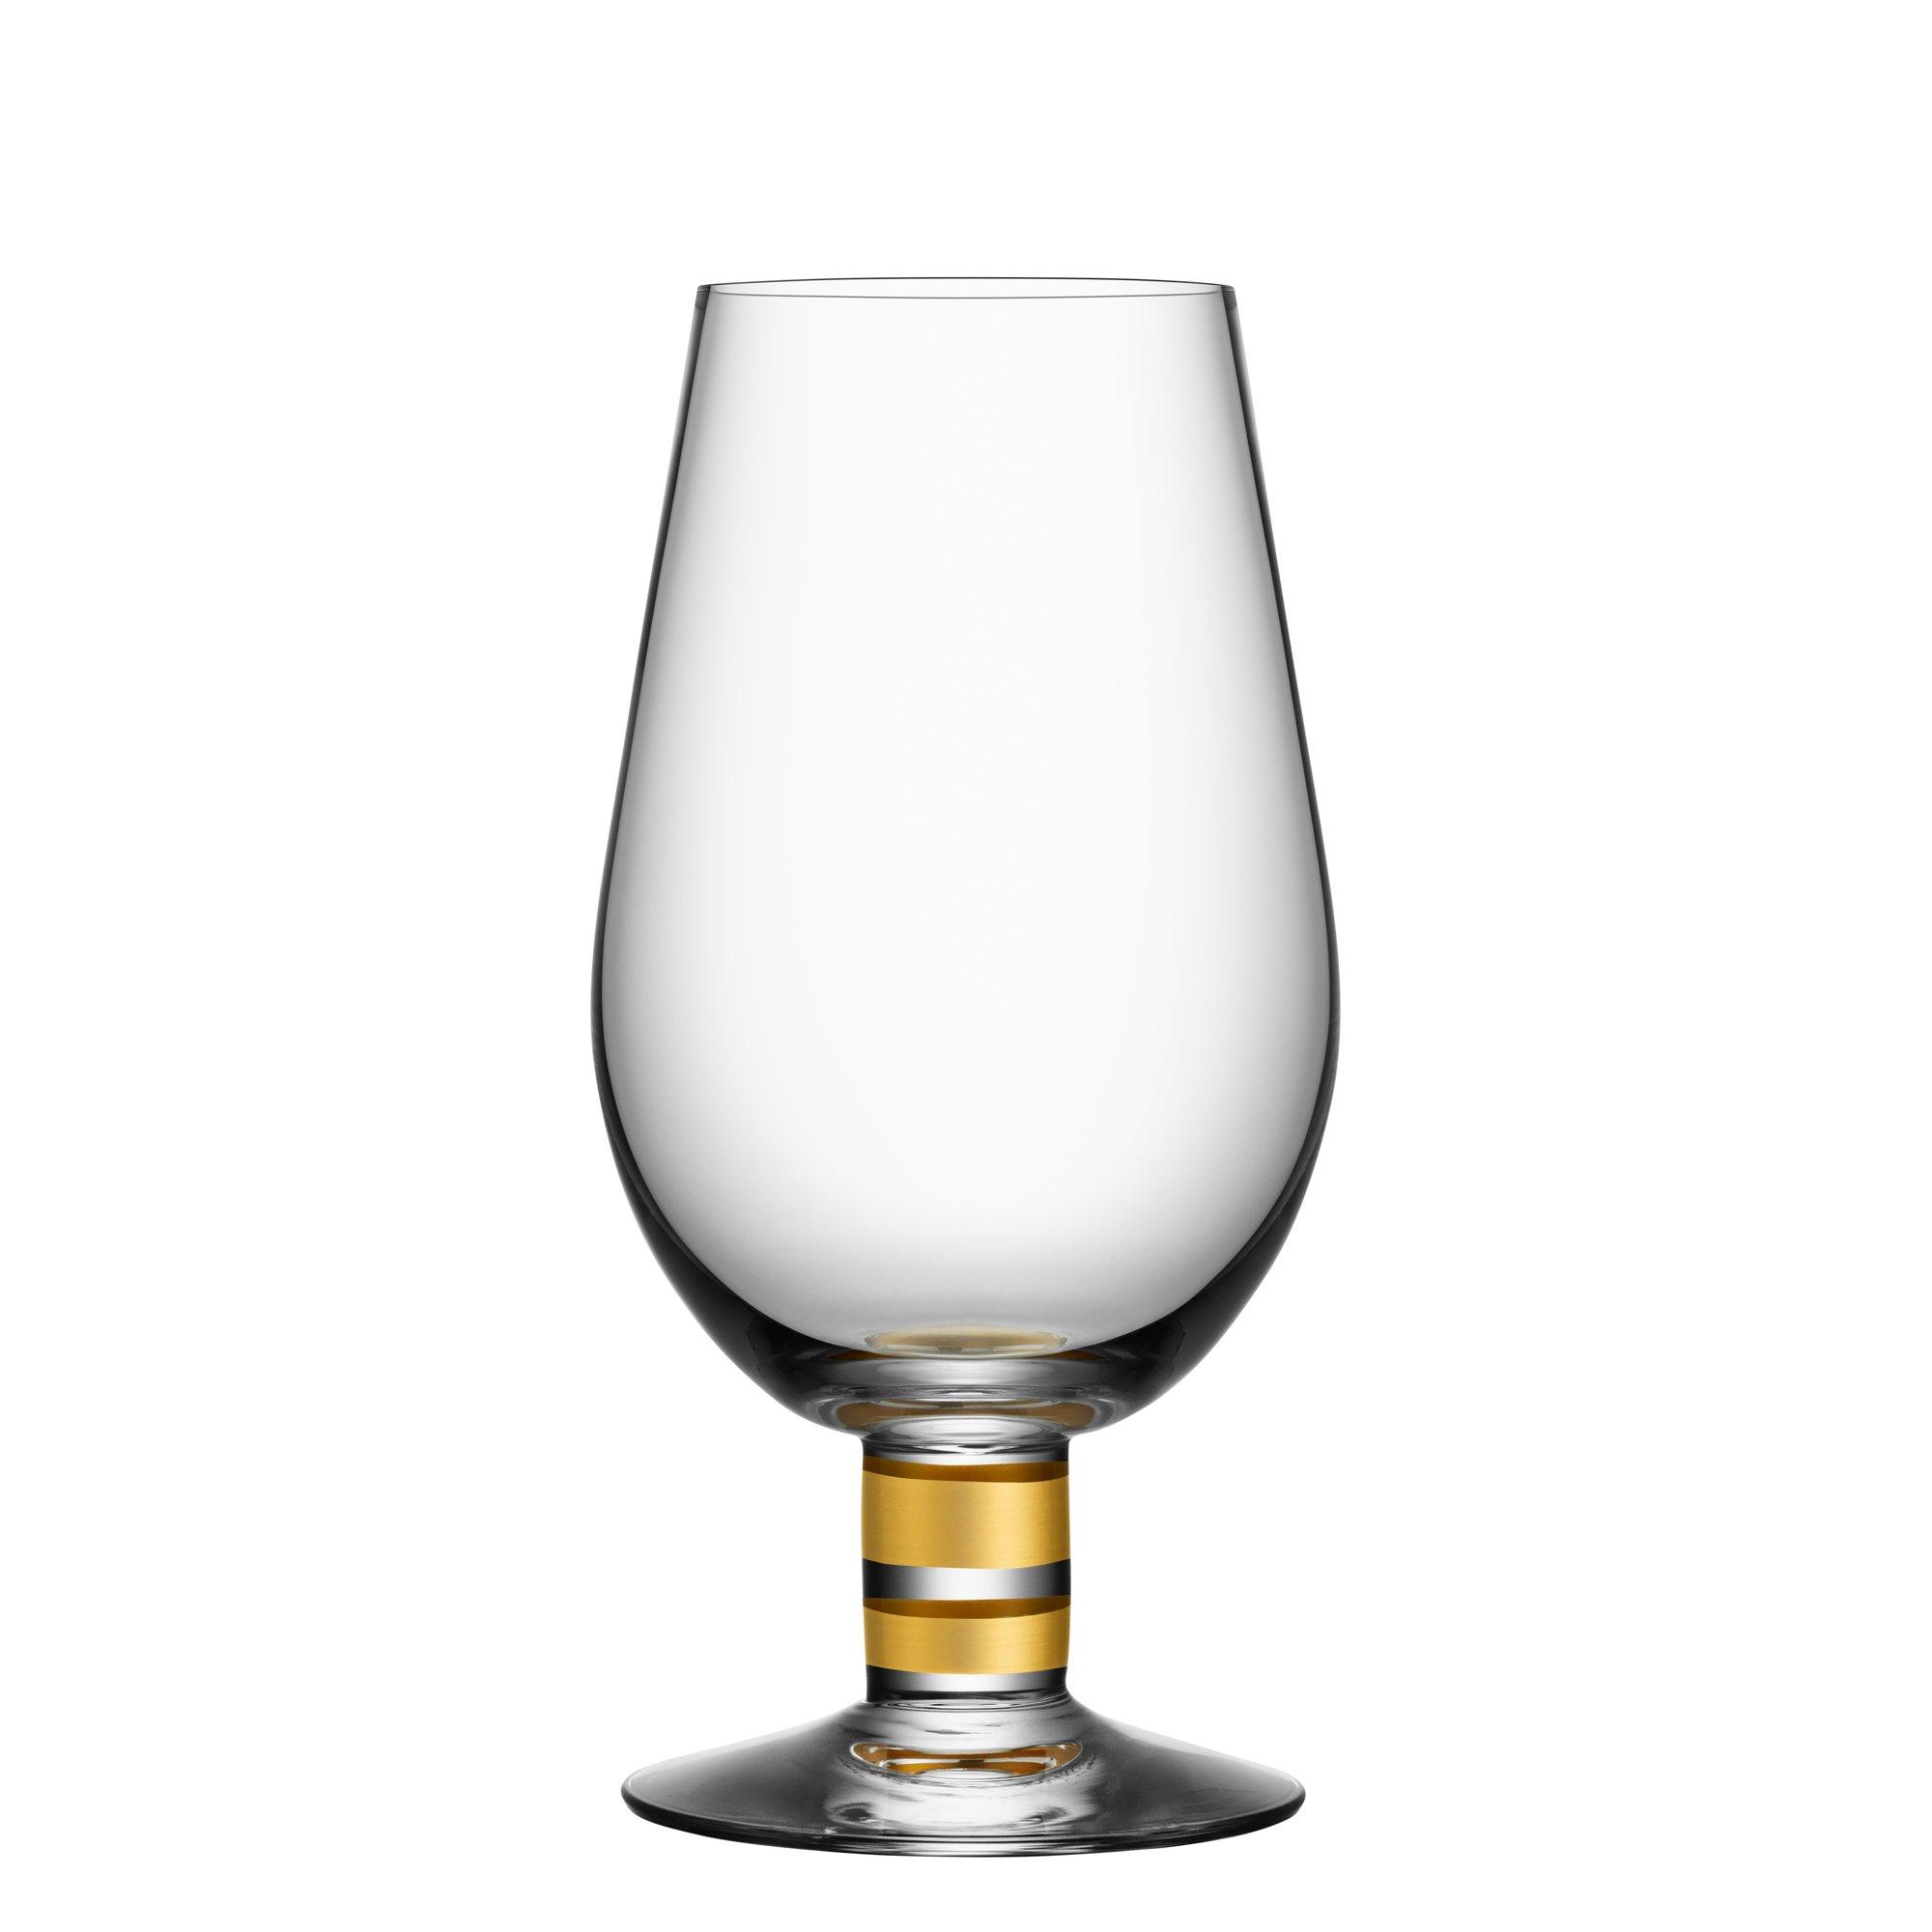 Orrefors 6200003 Morberg Beer Glass, 20.8 oz